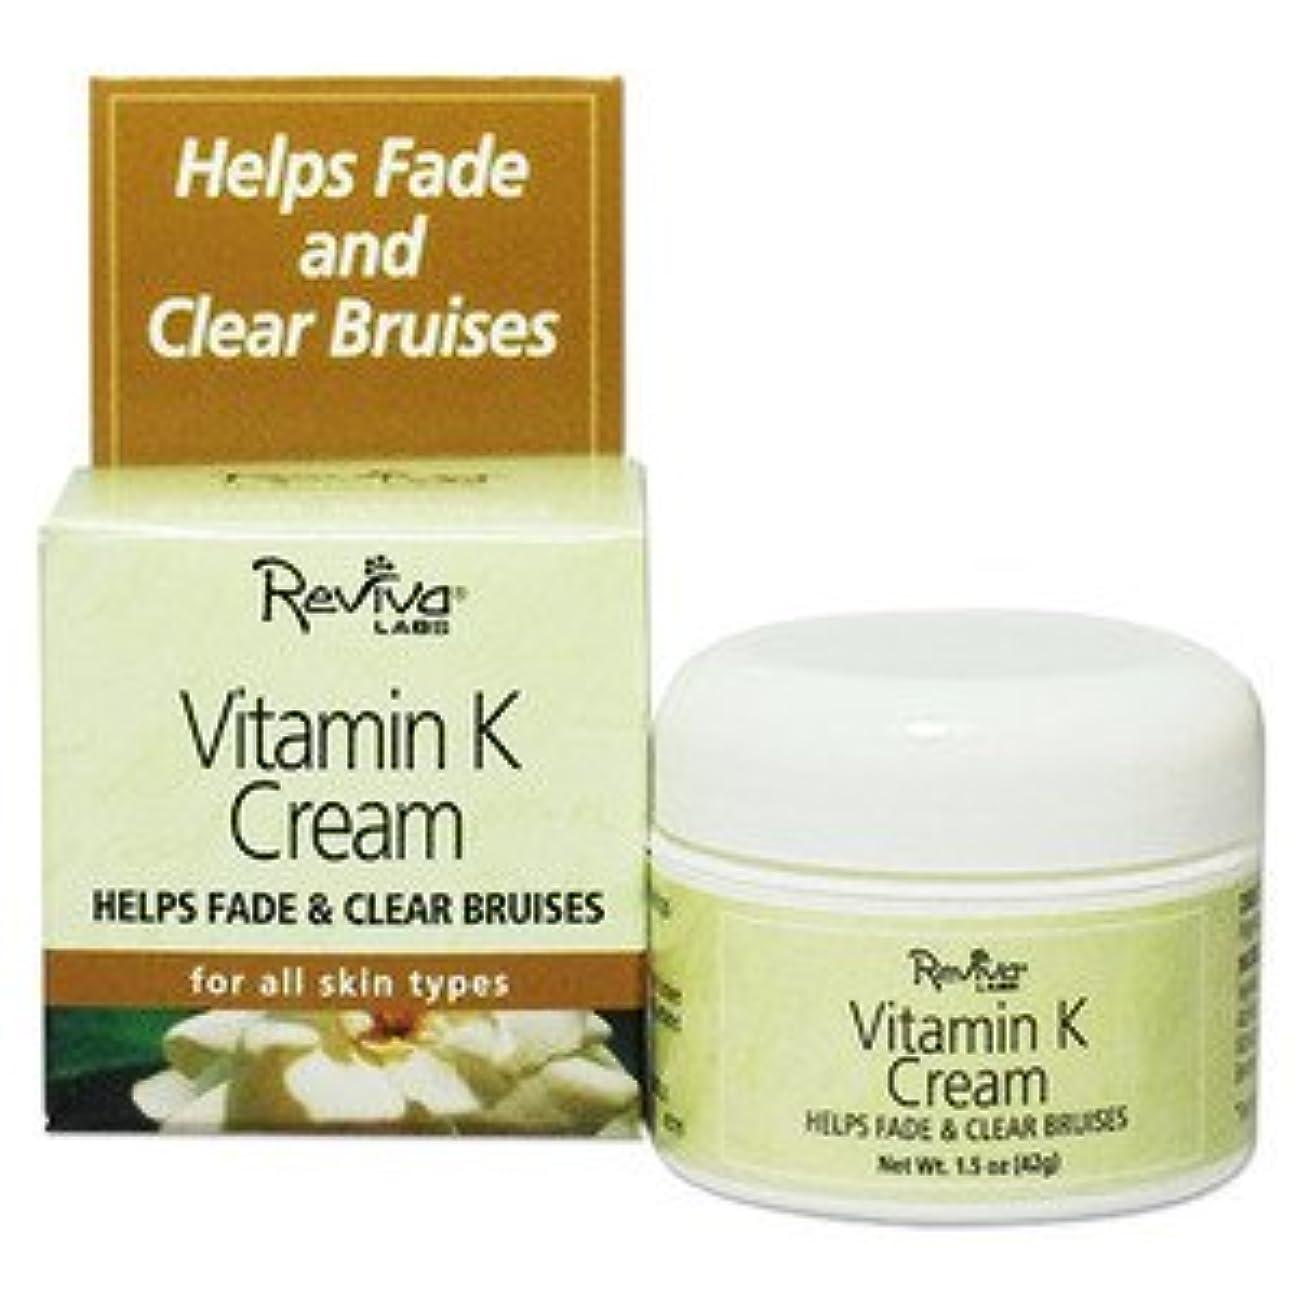 方法論唯一守銭奴Reviva Labs レビバ社 Vitamin K Cream  (42 g)  ビタミンK クリーム 海外直送品